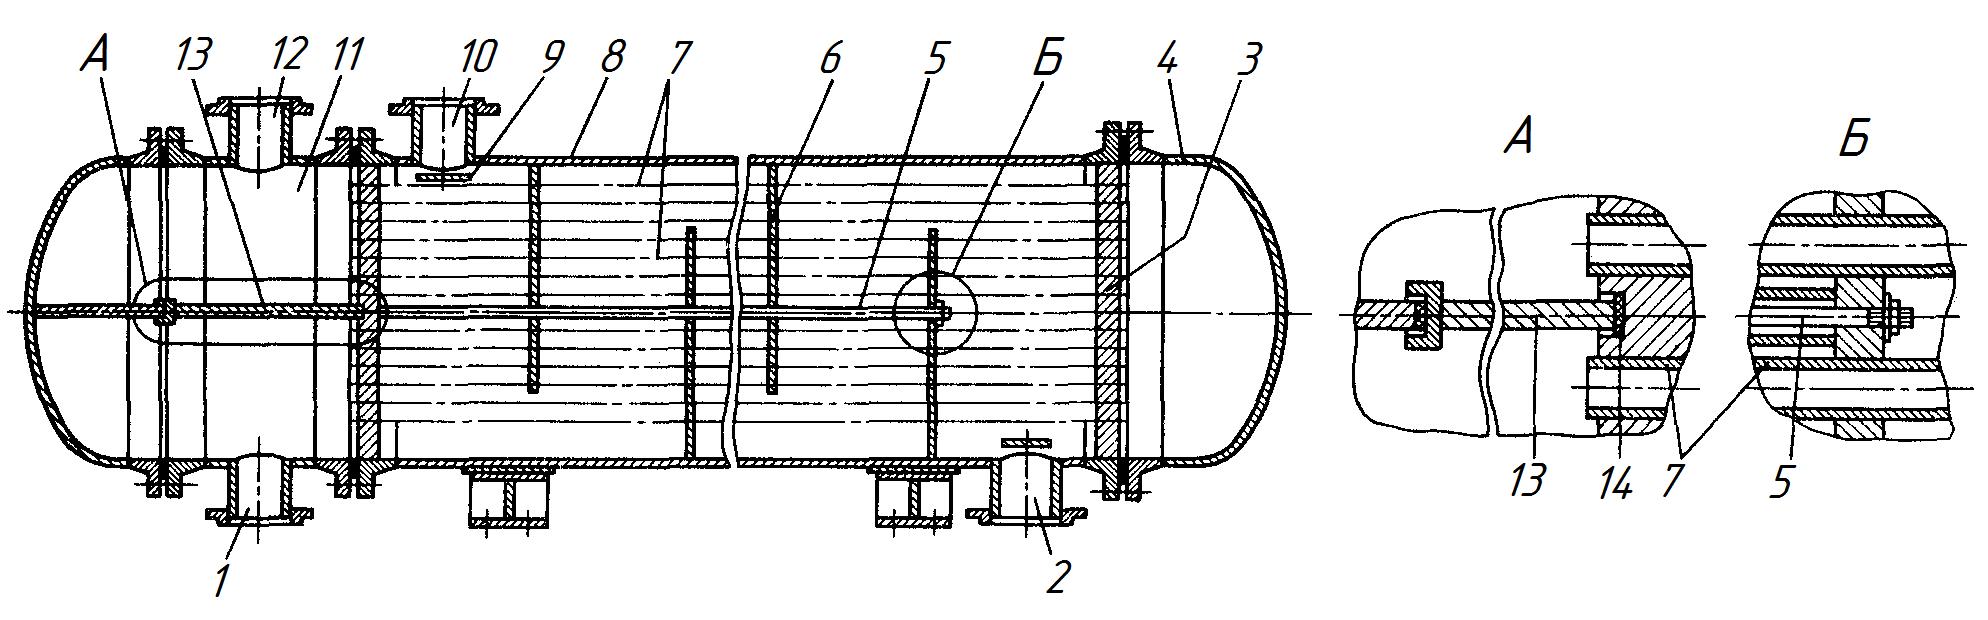 Кожухотрубный горизонтальный теплообменник теплообменник ридан программа подбора